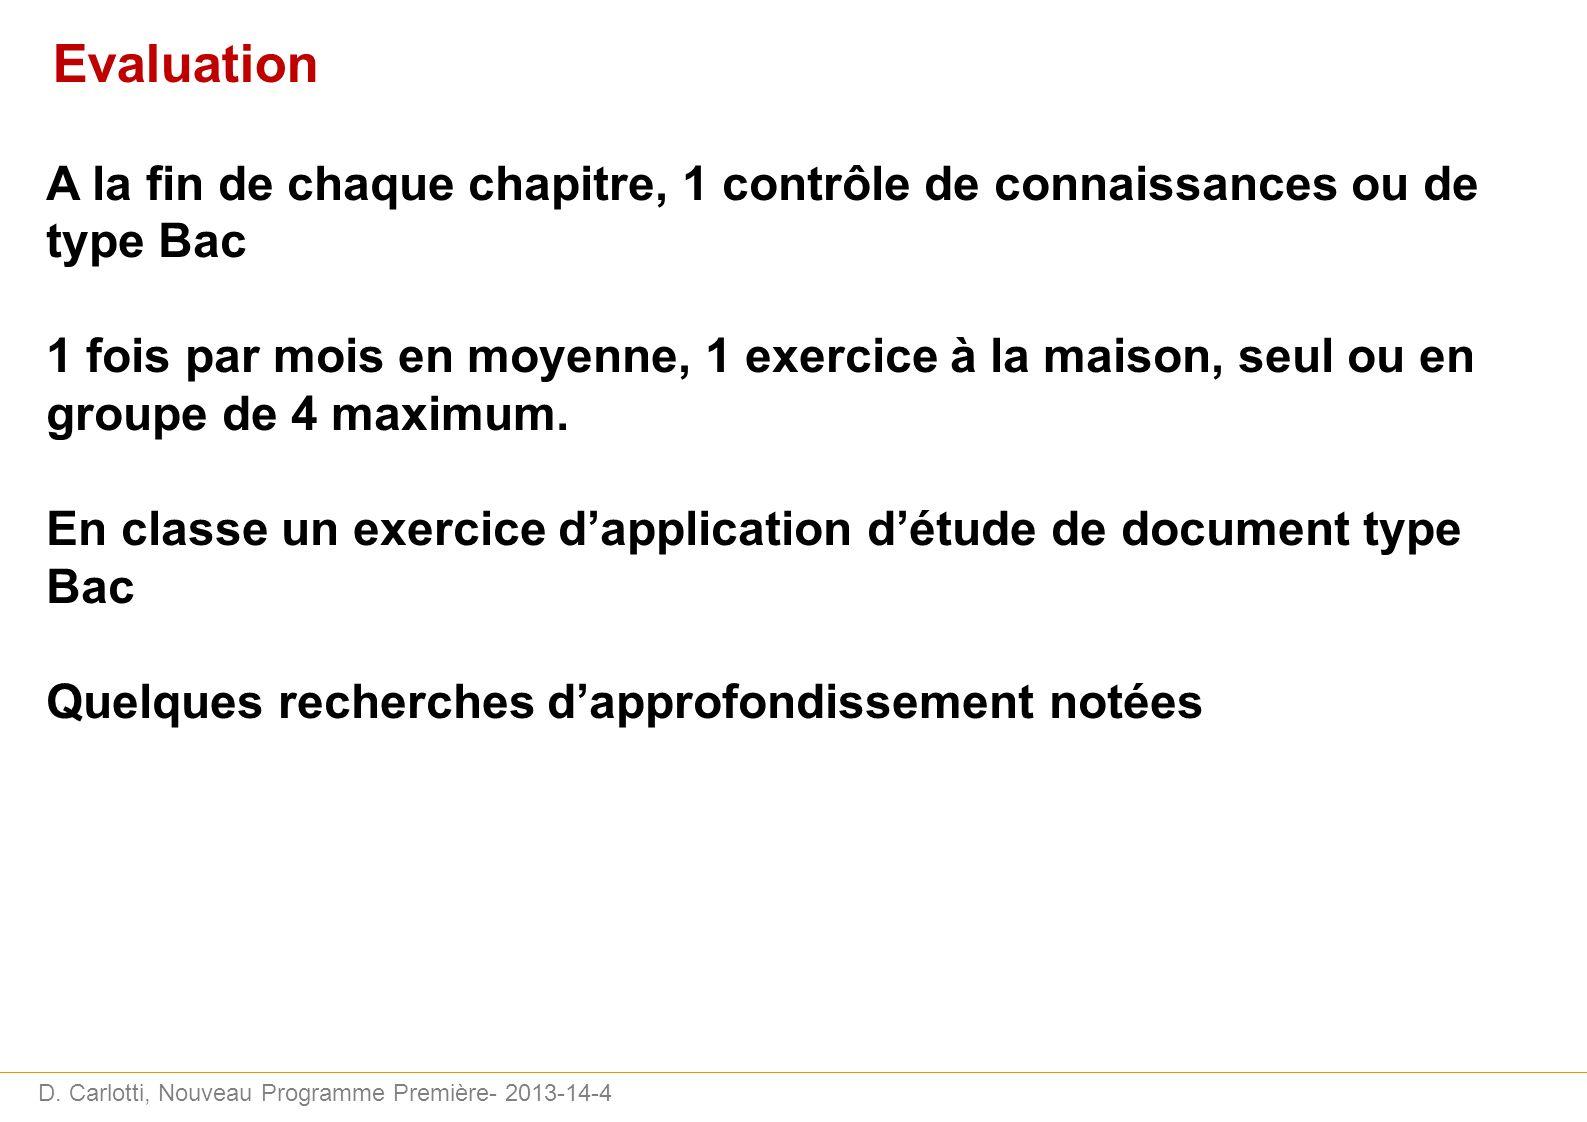 Evaluation A la fin de chaque chapitre, 1 contrôle de connaissances ou de type Bac.